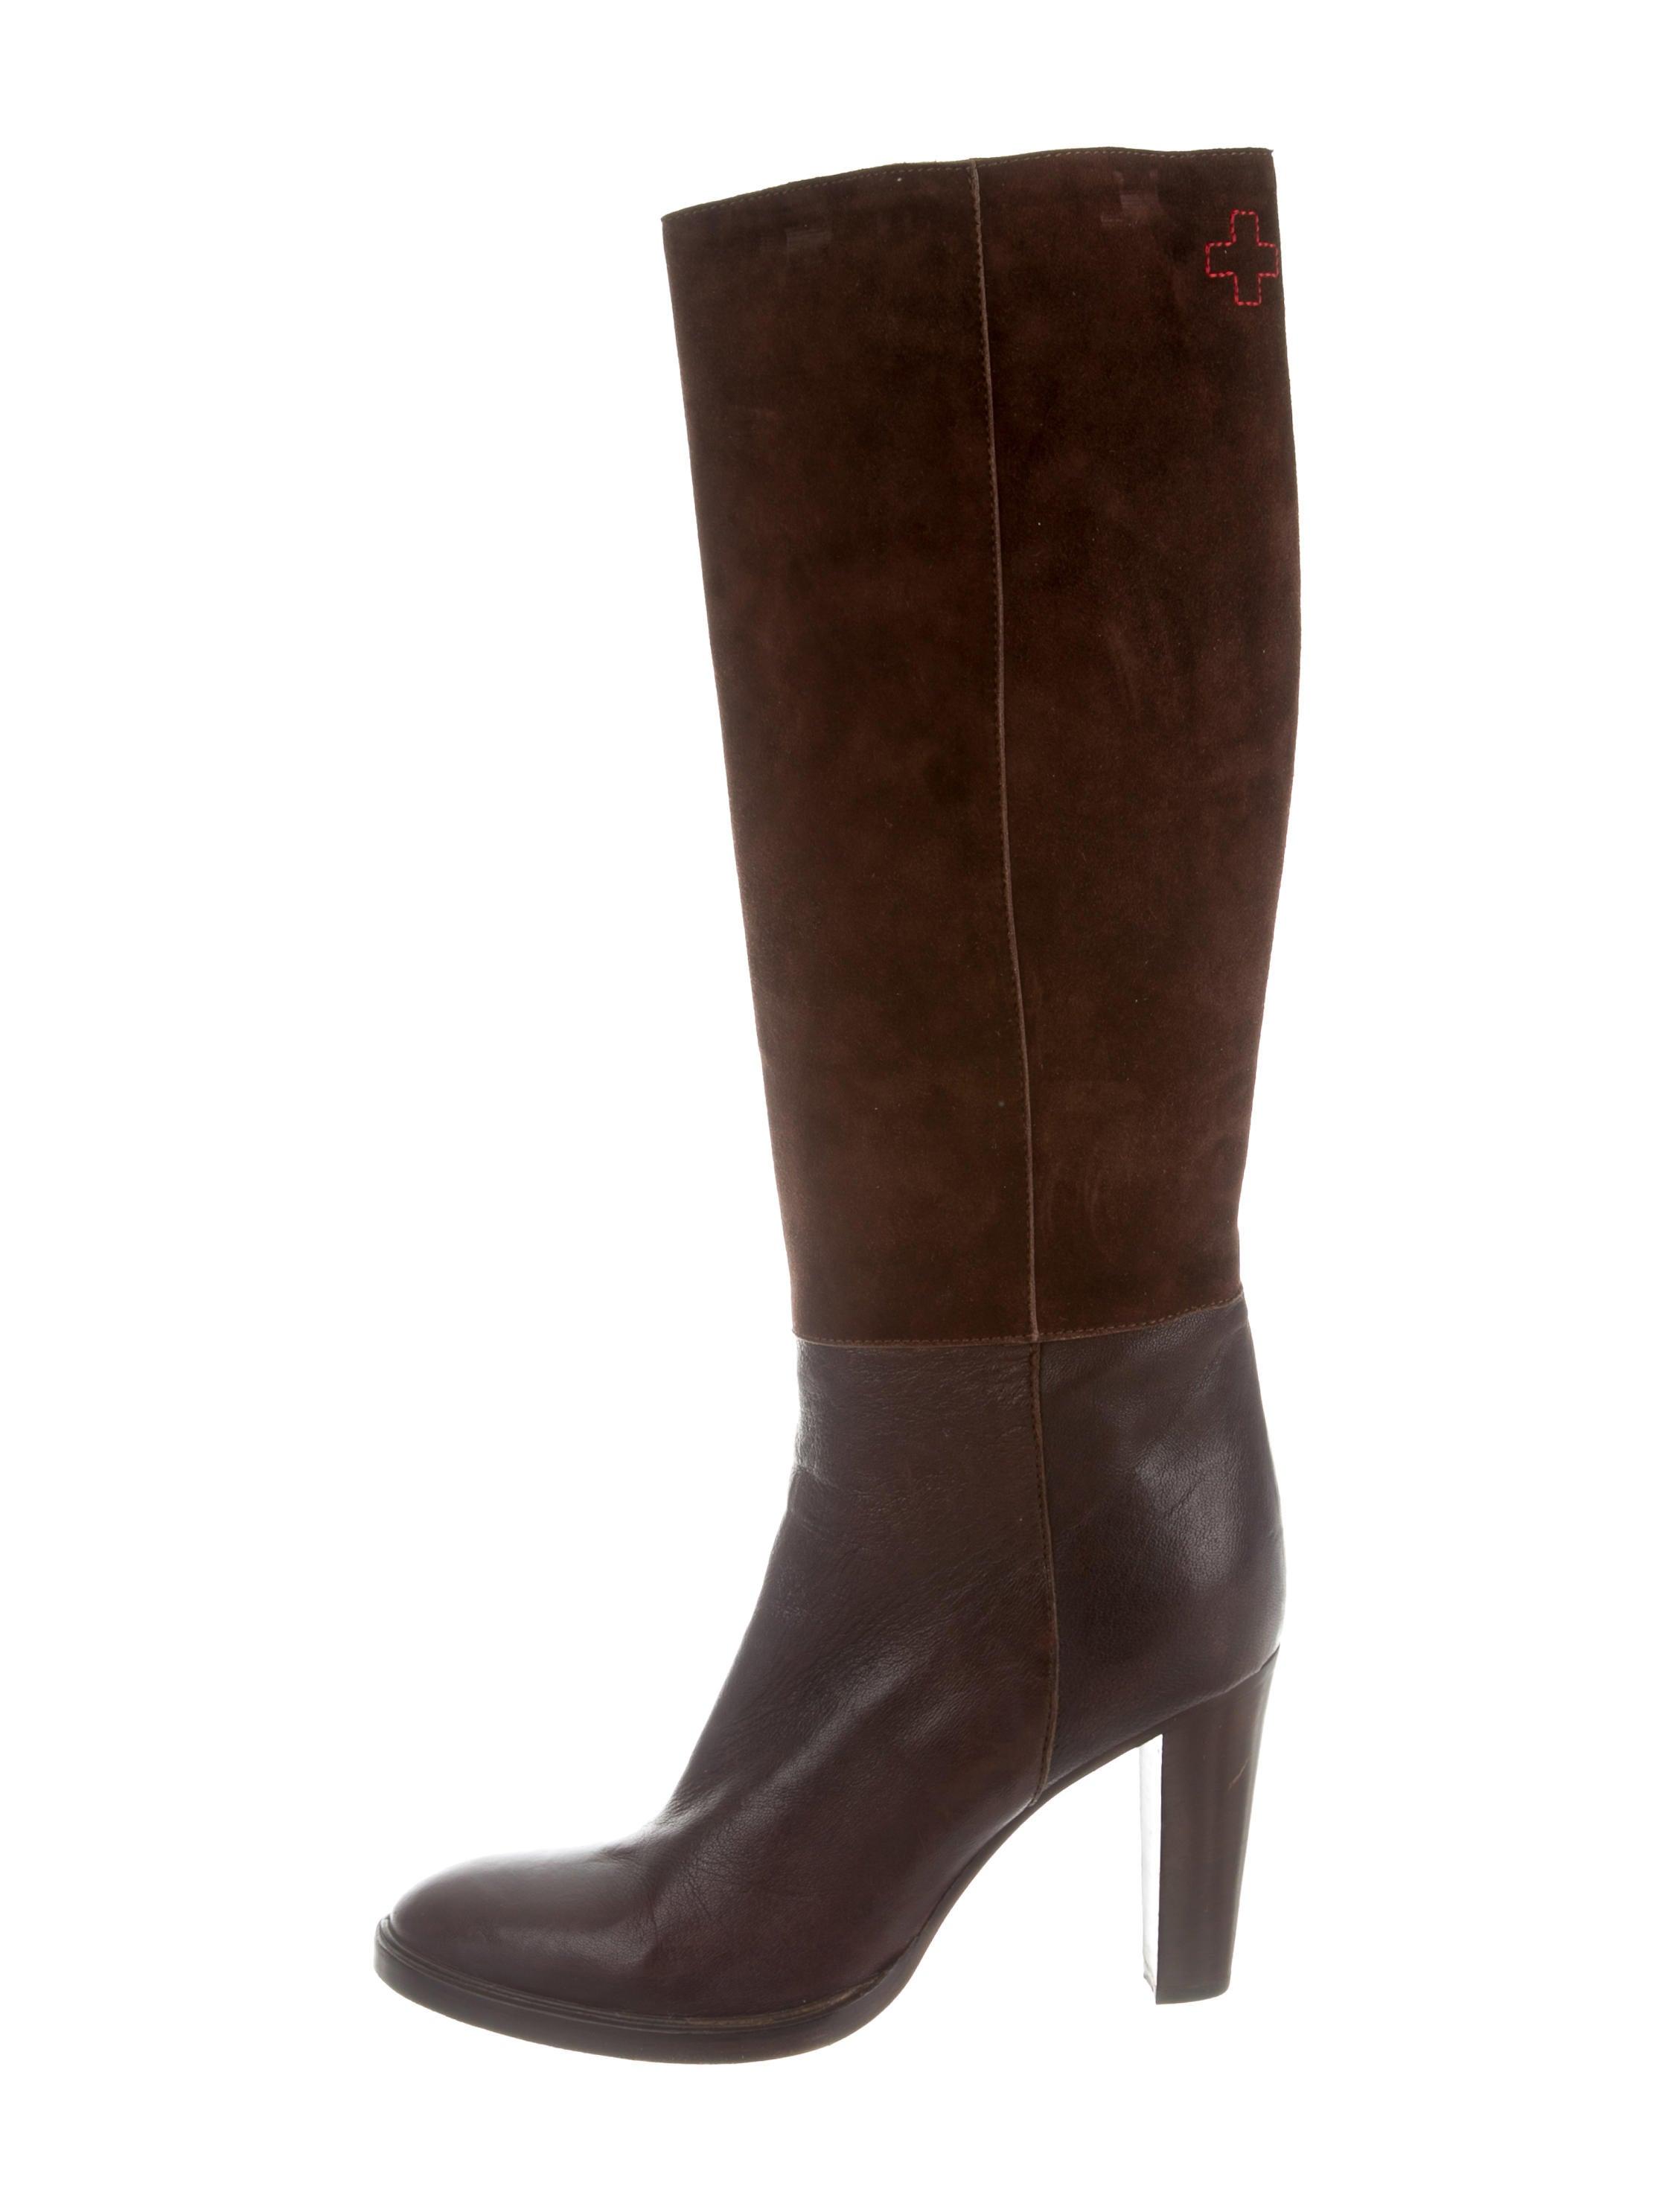 a f vandevorst suede knee high boots shoes afv20105